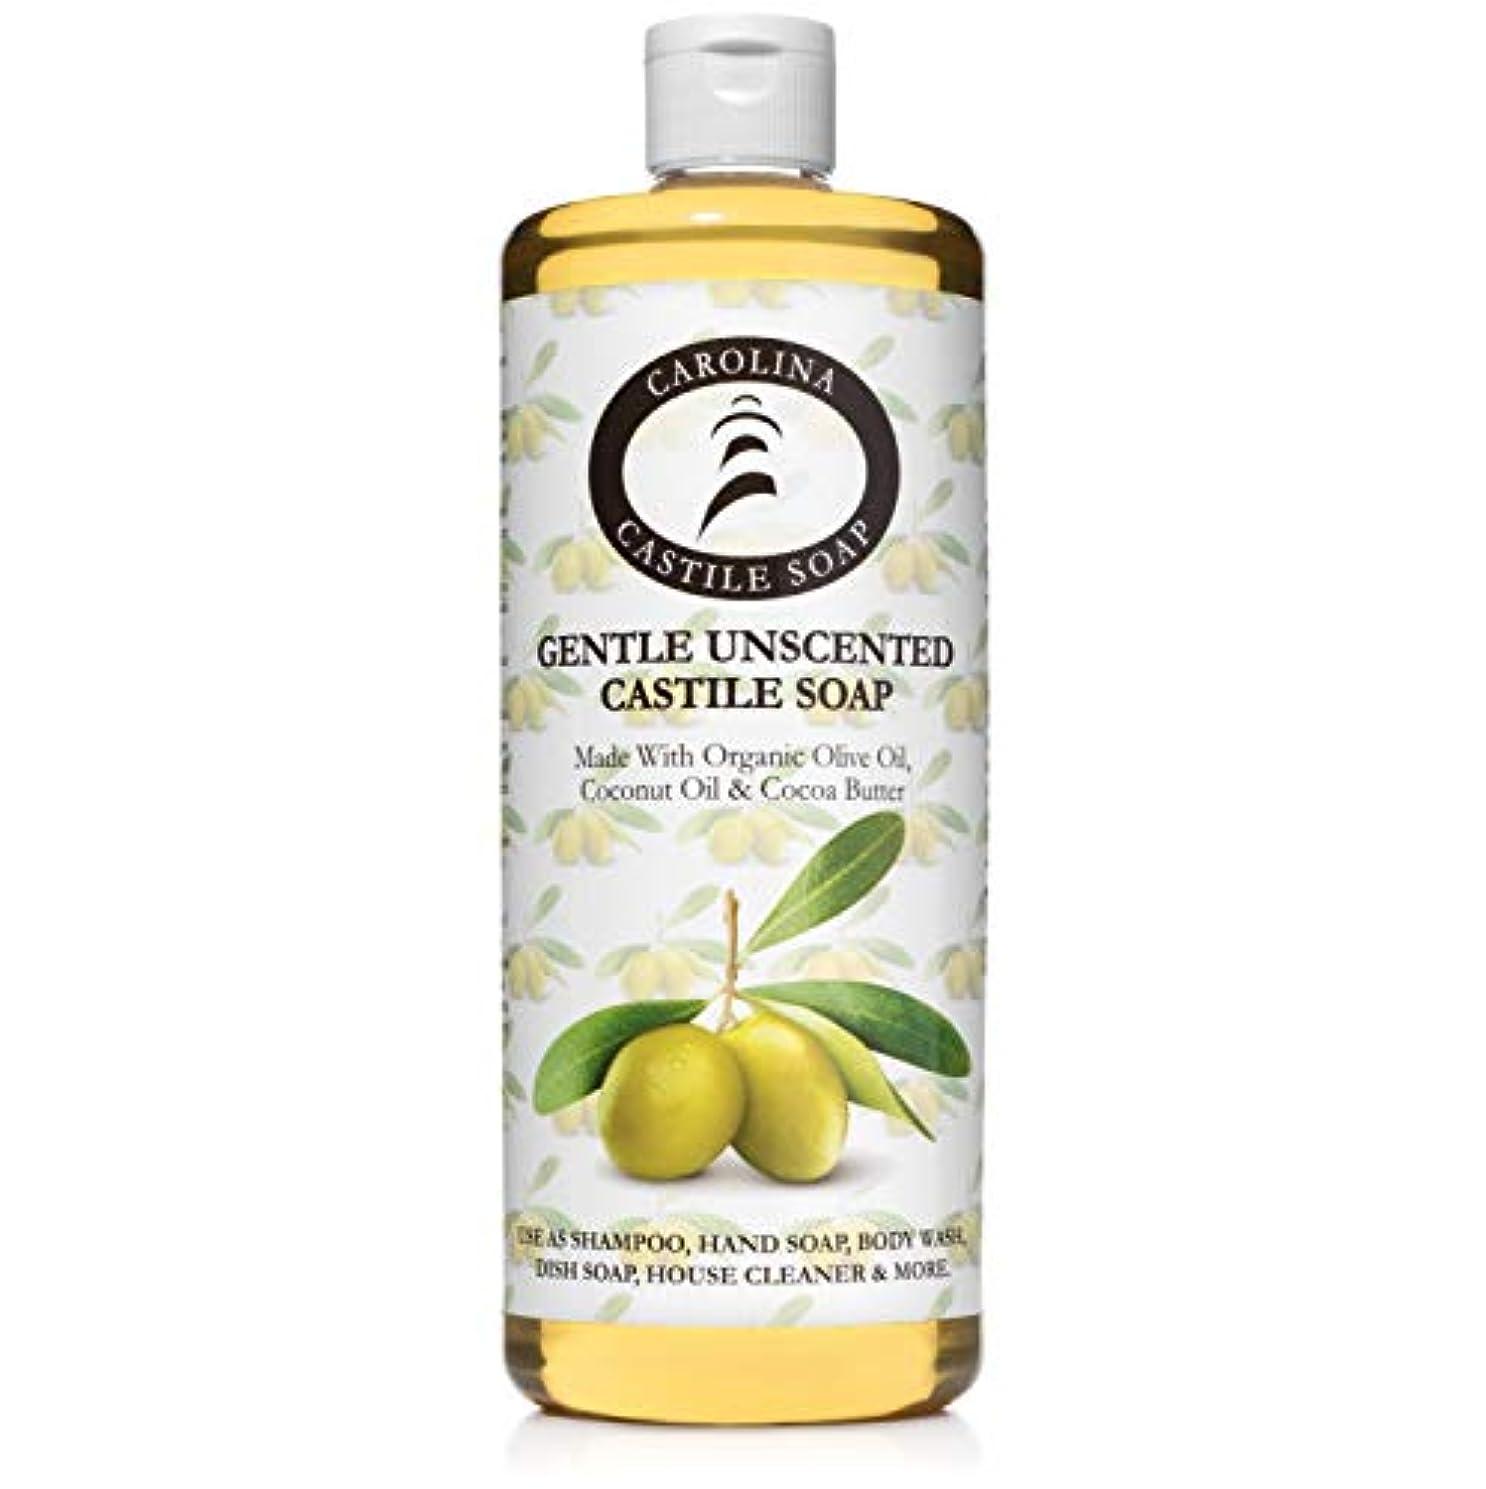 配送高揚した正確なCarolina Castile Soap ジェントル無香料認定オーガニック 32オズ